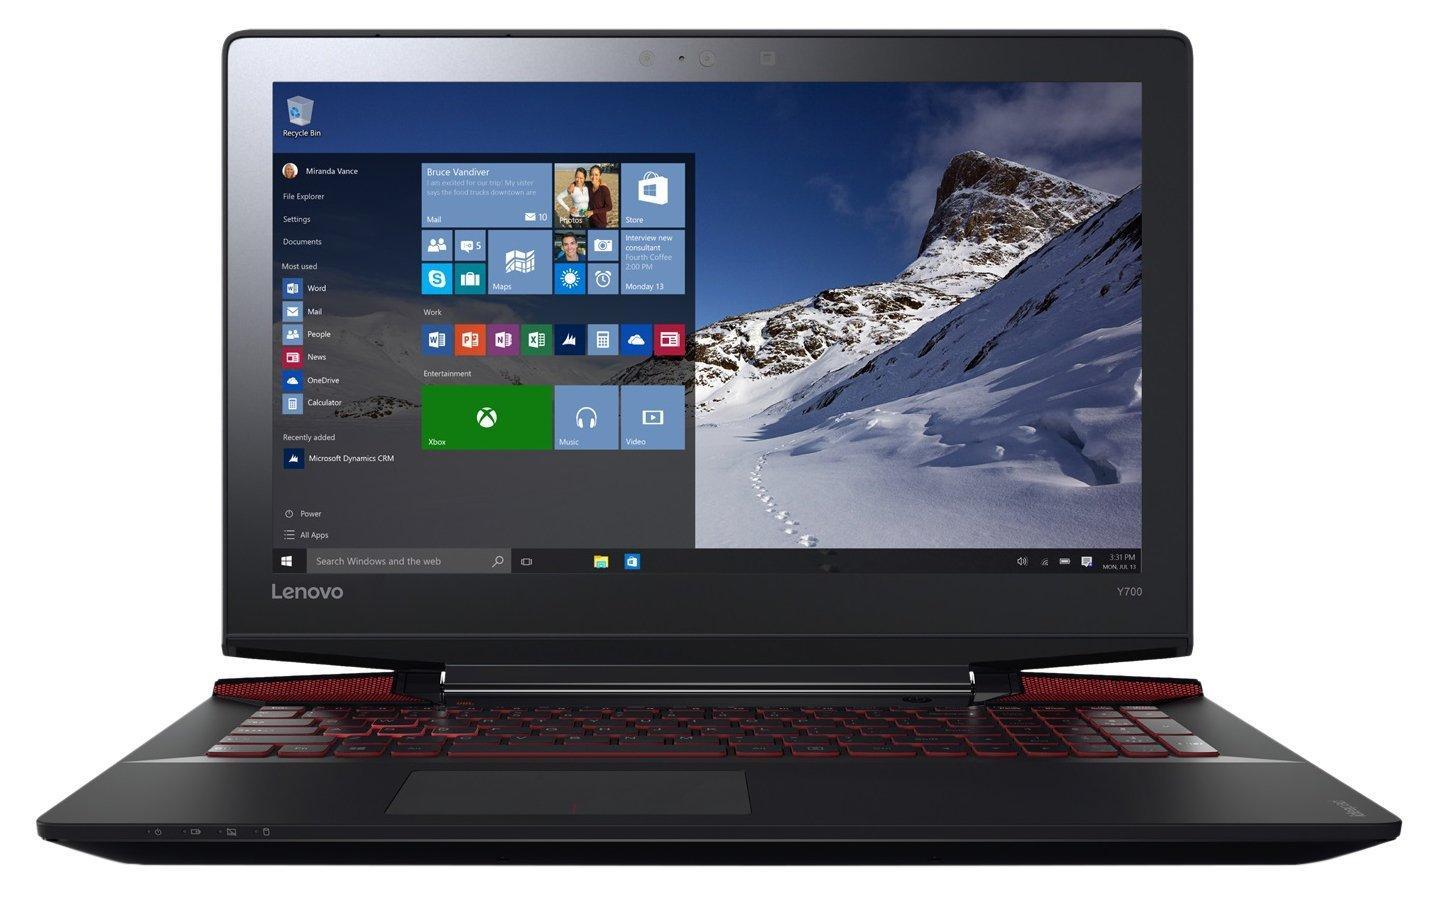 """PC Portable 15.6"""" Lenovo IdeaPad Y700-15ISK - Intel i5-6300HQ, 8 Go de Ram, 1 To + 128 Go SSD, Geforce GTX 960M"""